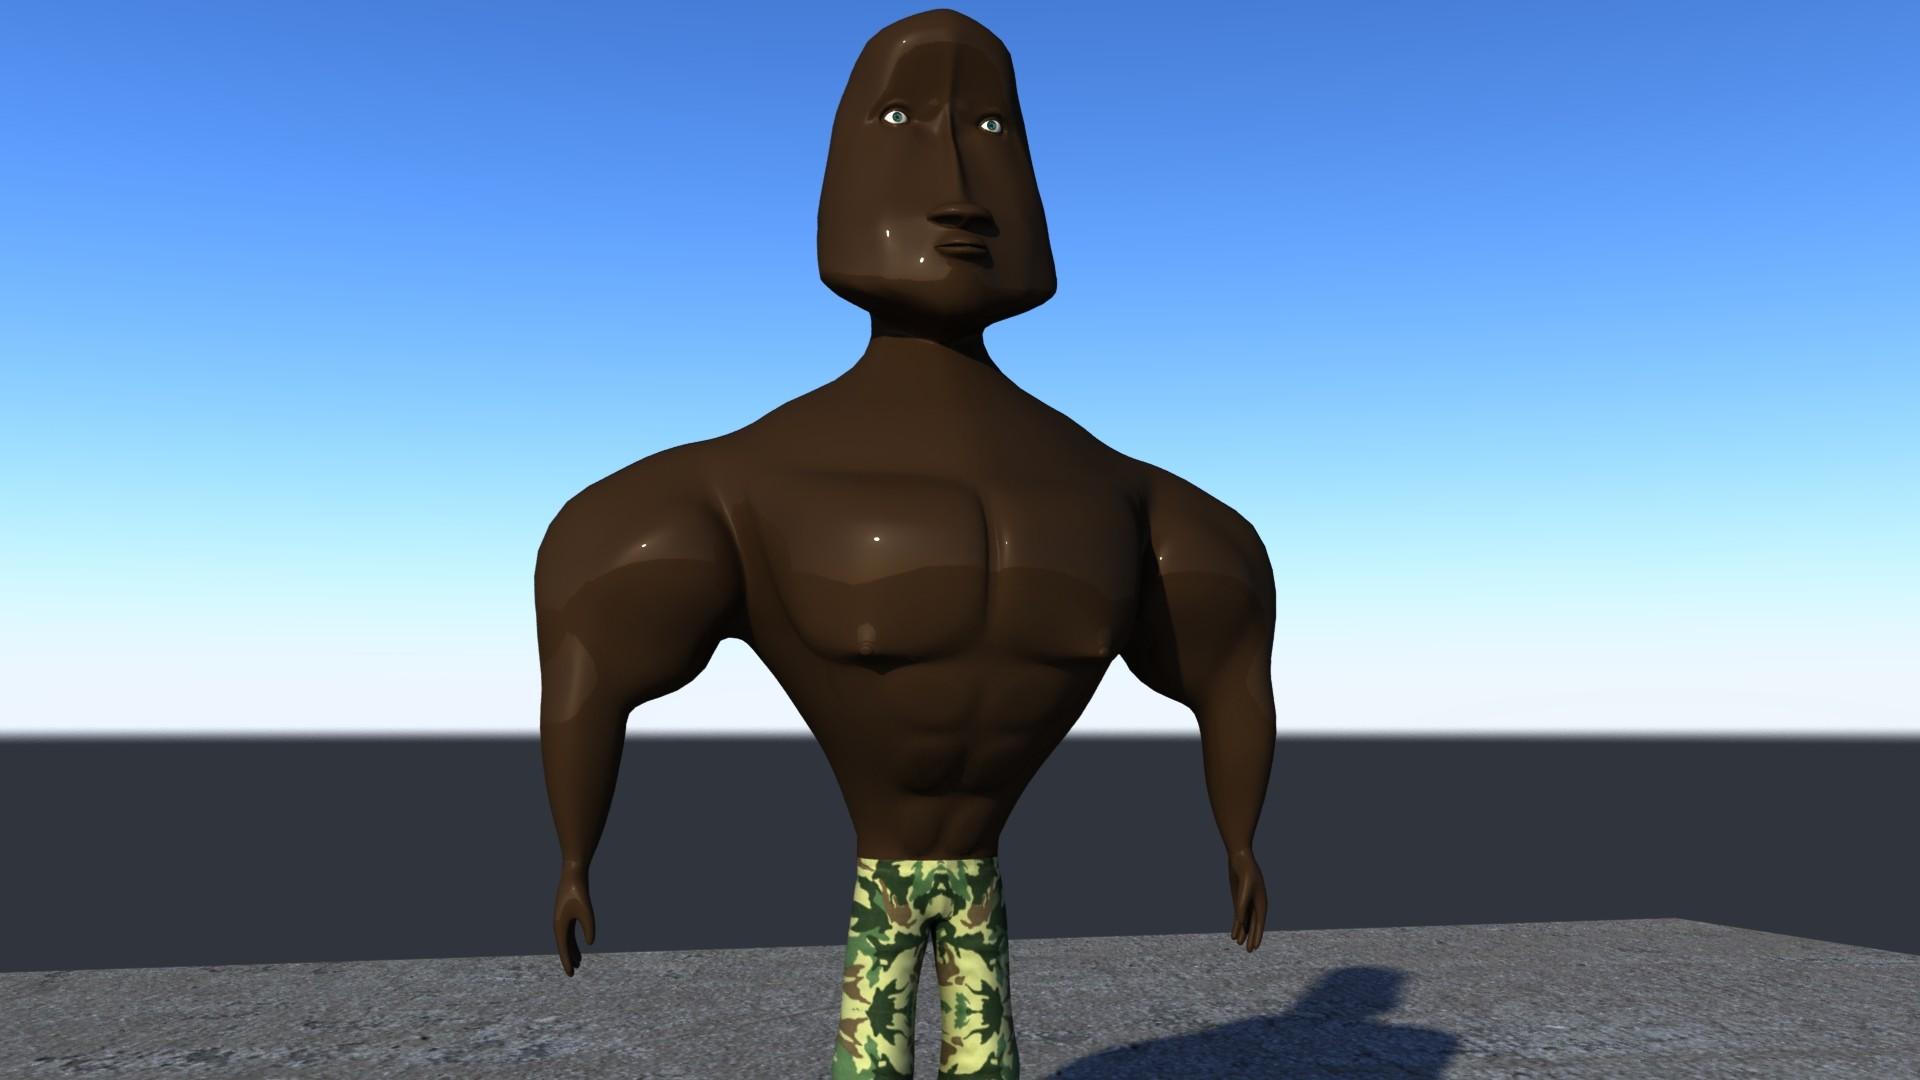 Jerry ubah musa topless